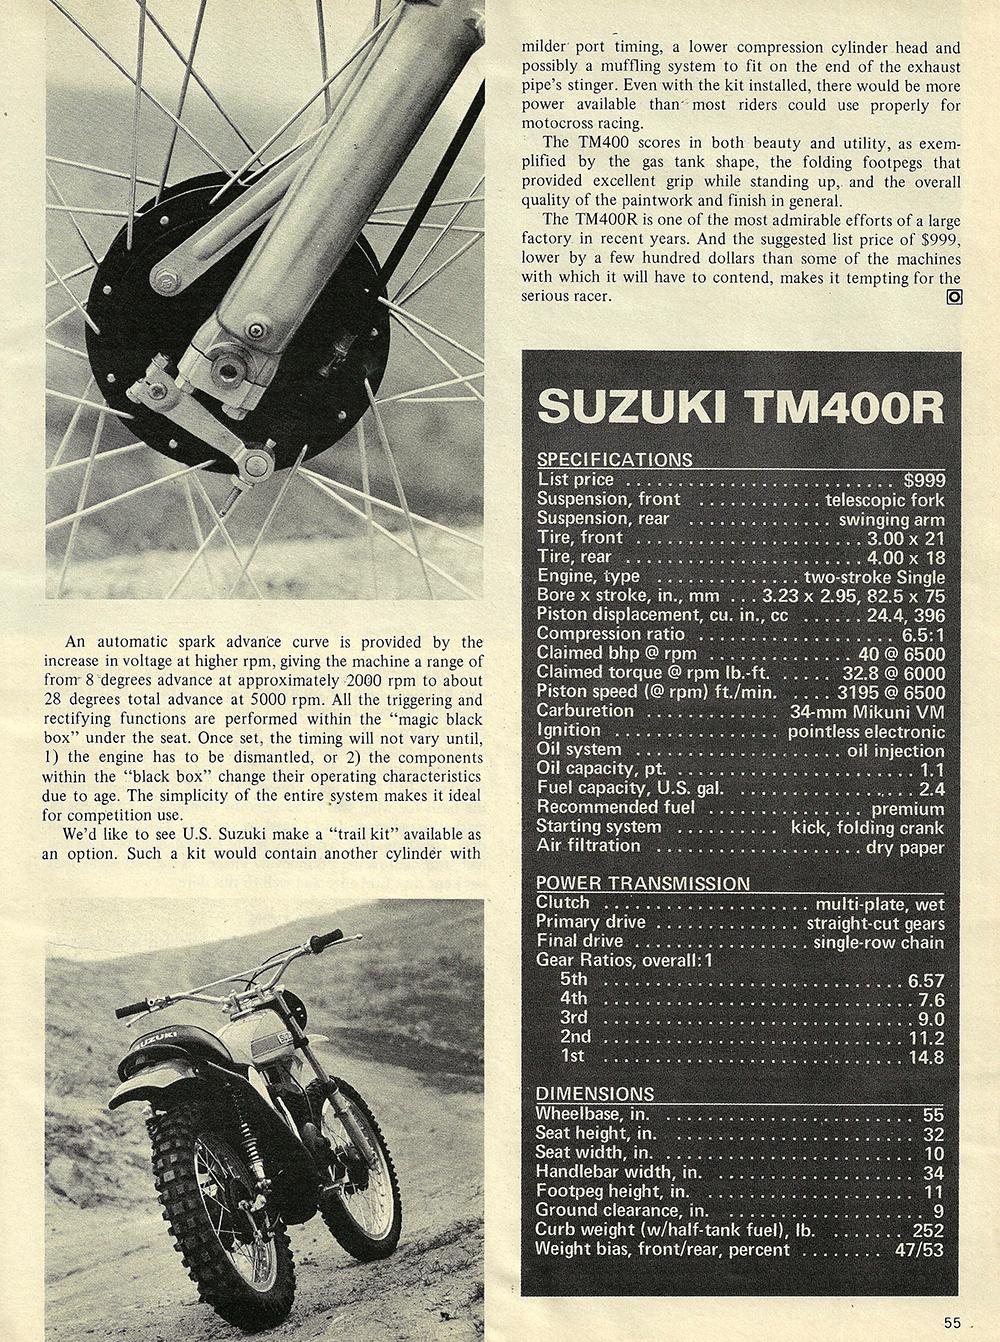 1971 Suzuki TM400R road test 05.jpg